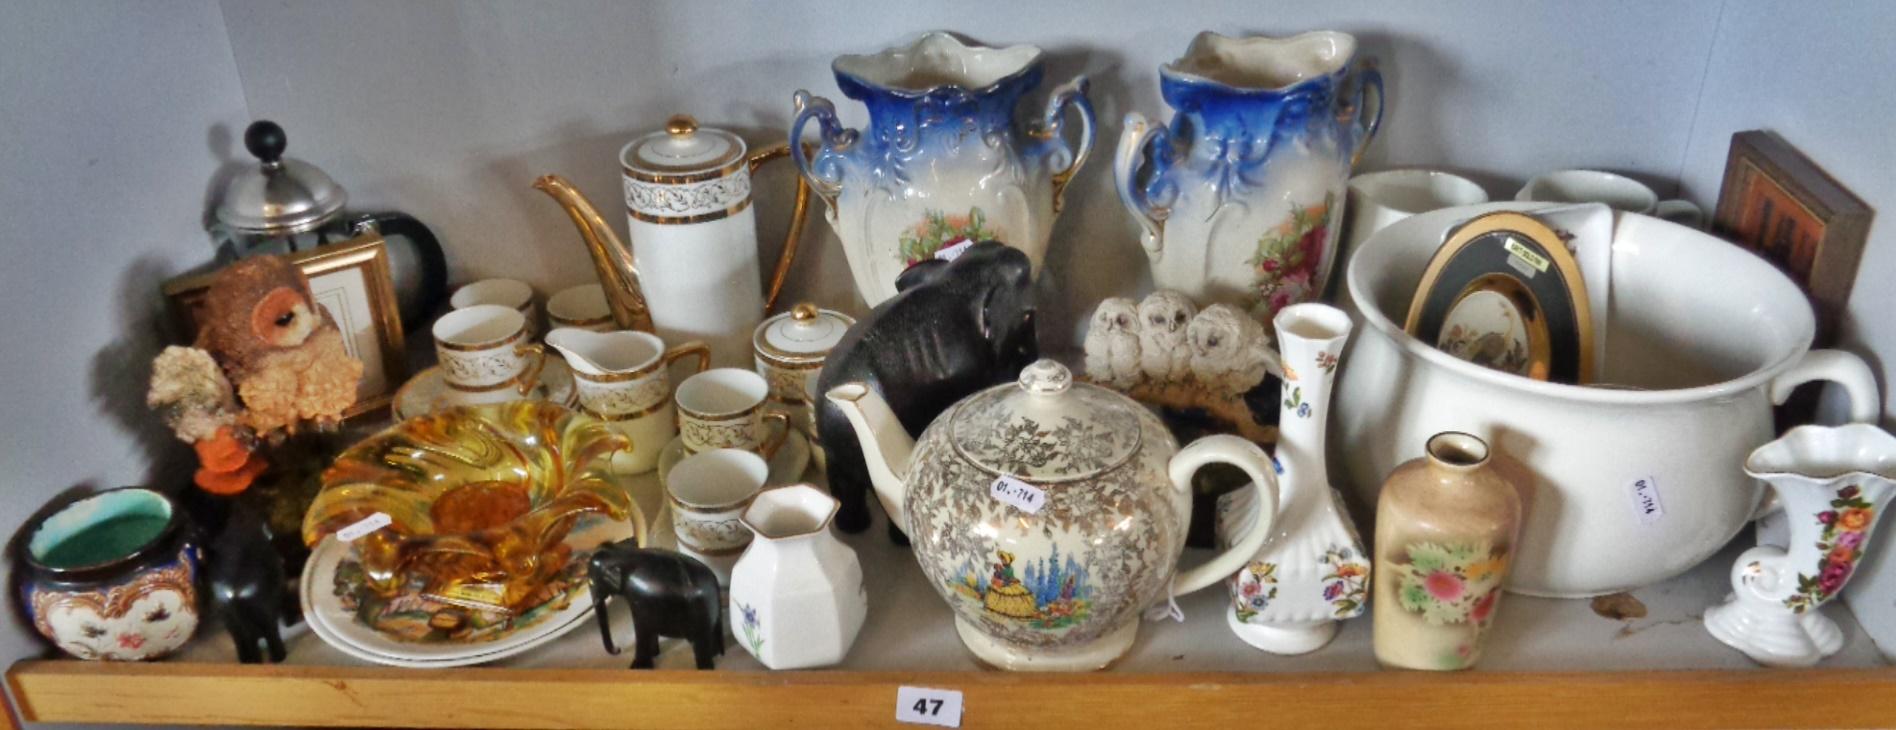 Lot 47 - Porcelain coffee set, owl figurines, carved elephants, etc. (one shelf)